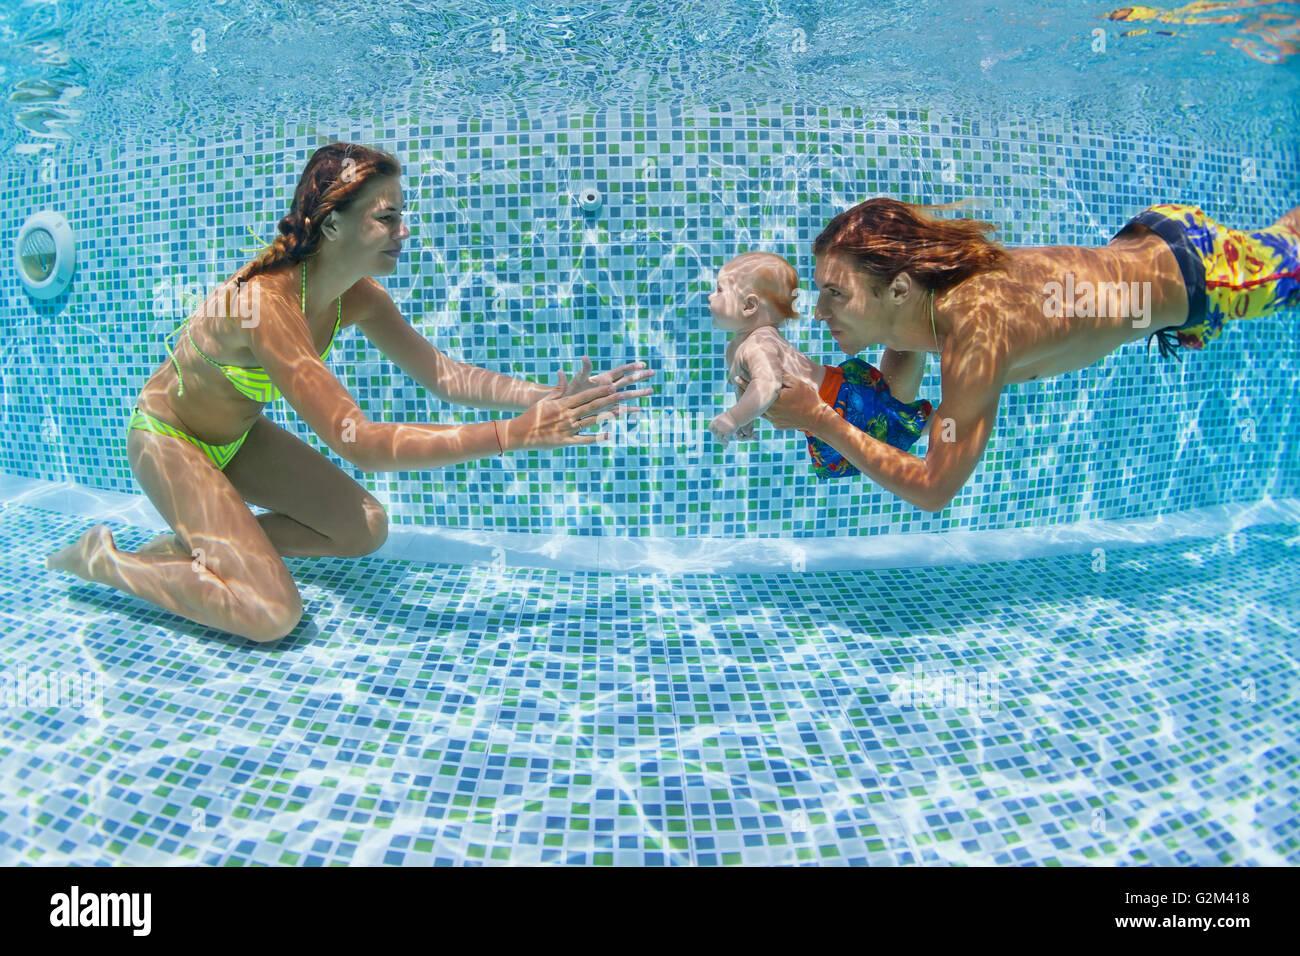 Bambino lezione di nuoto - baby con la madre, padre imparare a nuotare e tuffarsi underwater in piscina. Immagini Stock